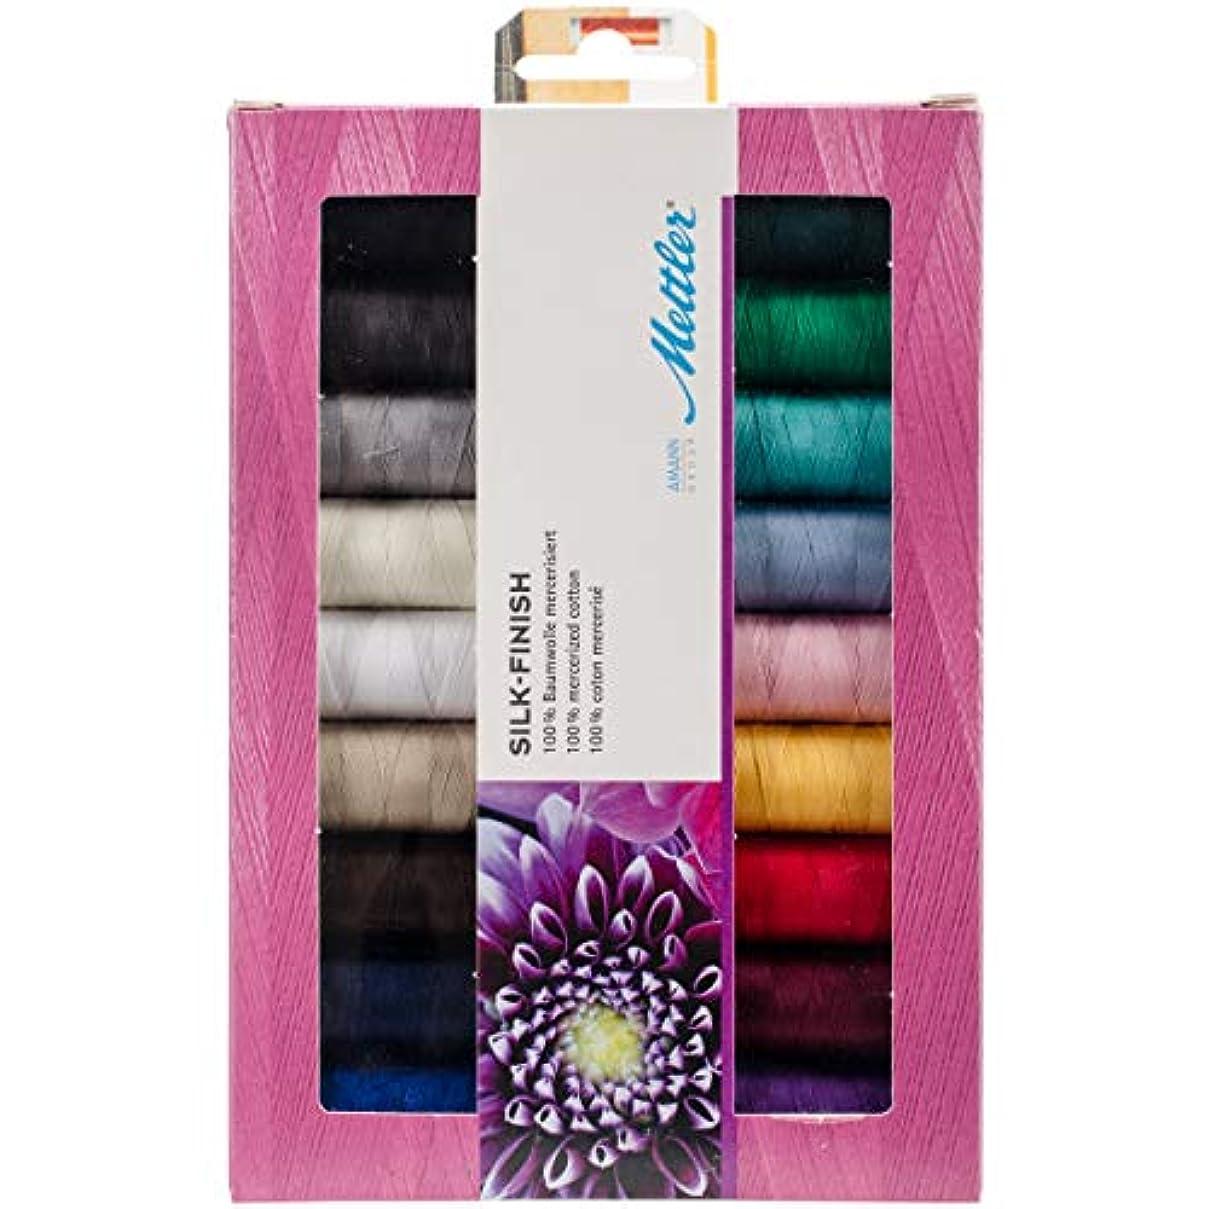 Mettler SFC18-KIT Silk Finish Cotton Thread Gift Pack 18/Pkg, White bynlrxkqnri0